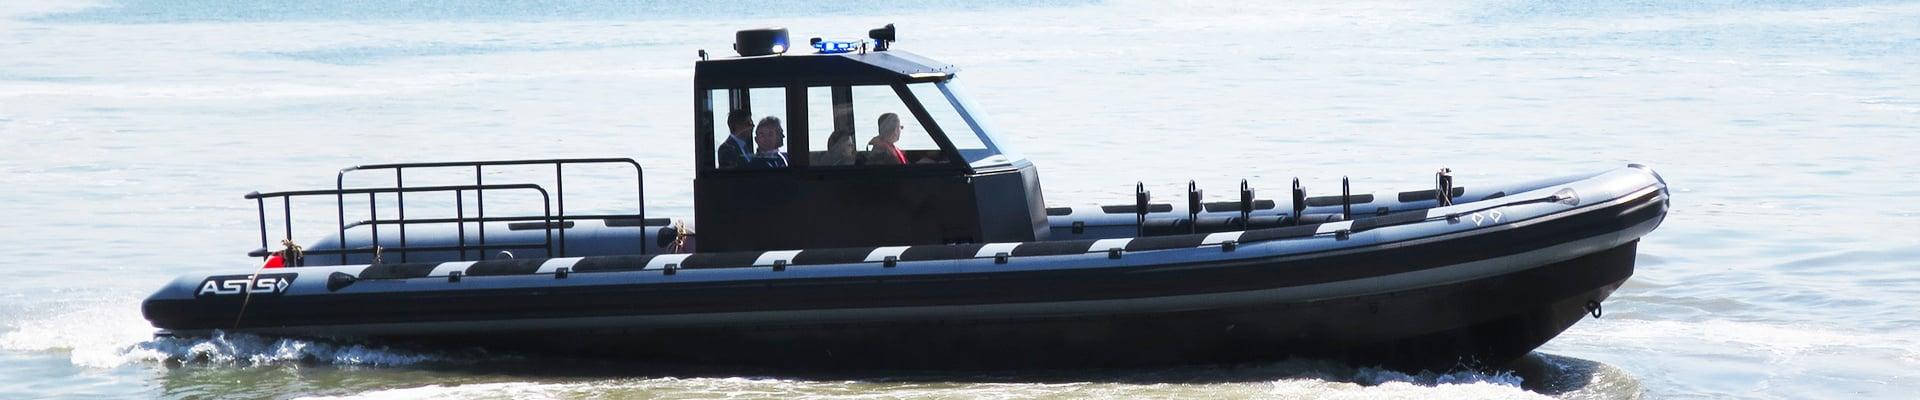 asis-military-boat-12-meter